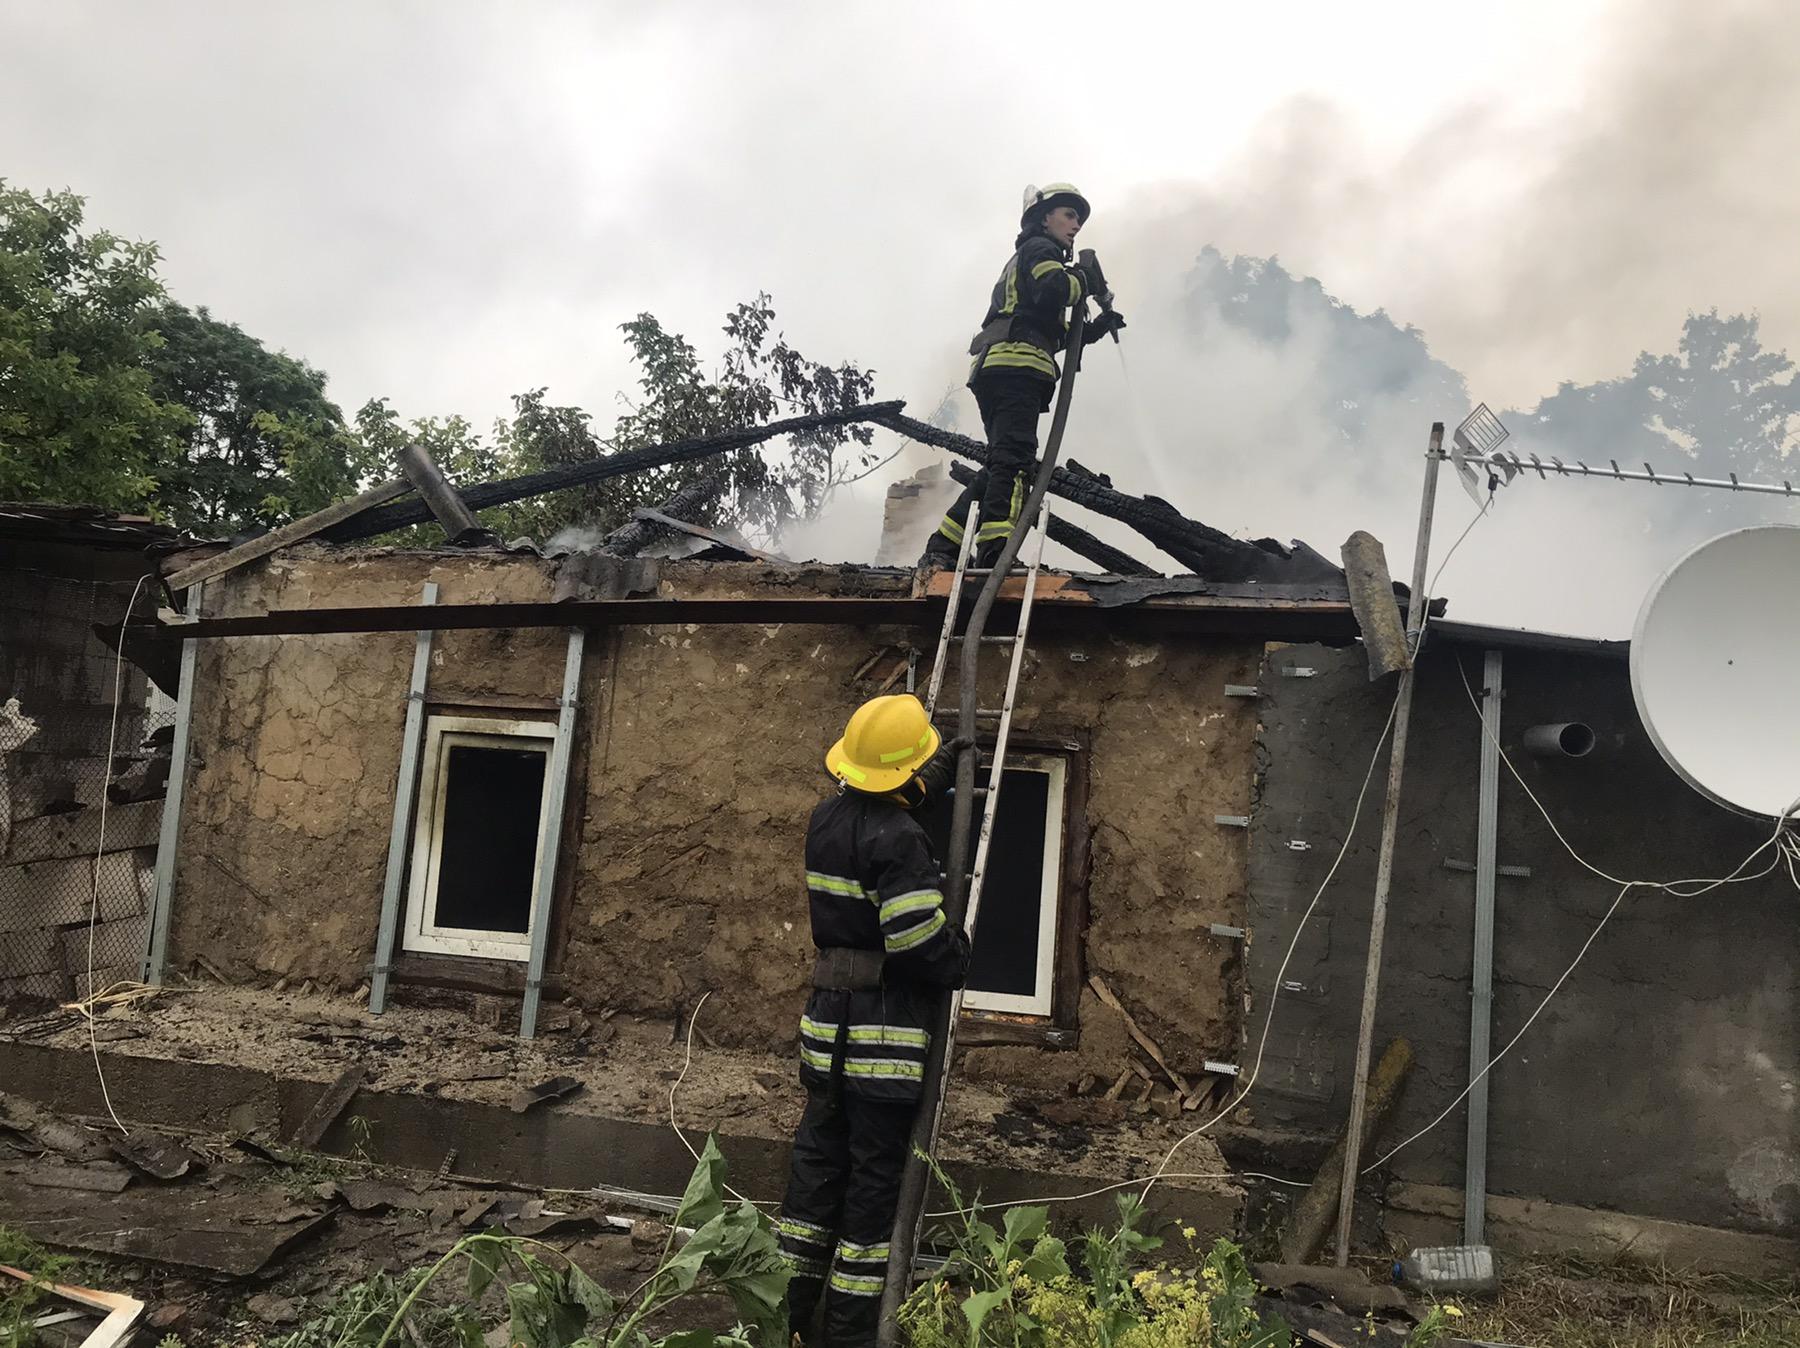 У пожежі на Бориспільщині постраждала дитина - пожежа, Бориспільщина - yzobrazhenye viber 2020 07 08 07 35 22